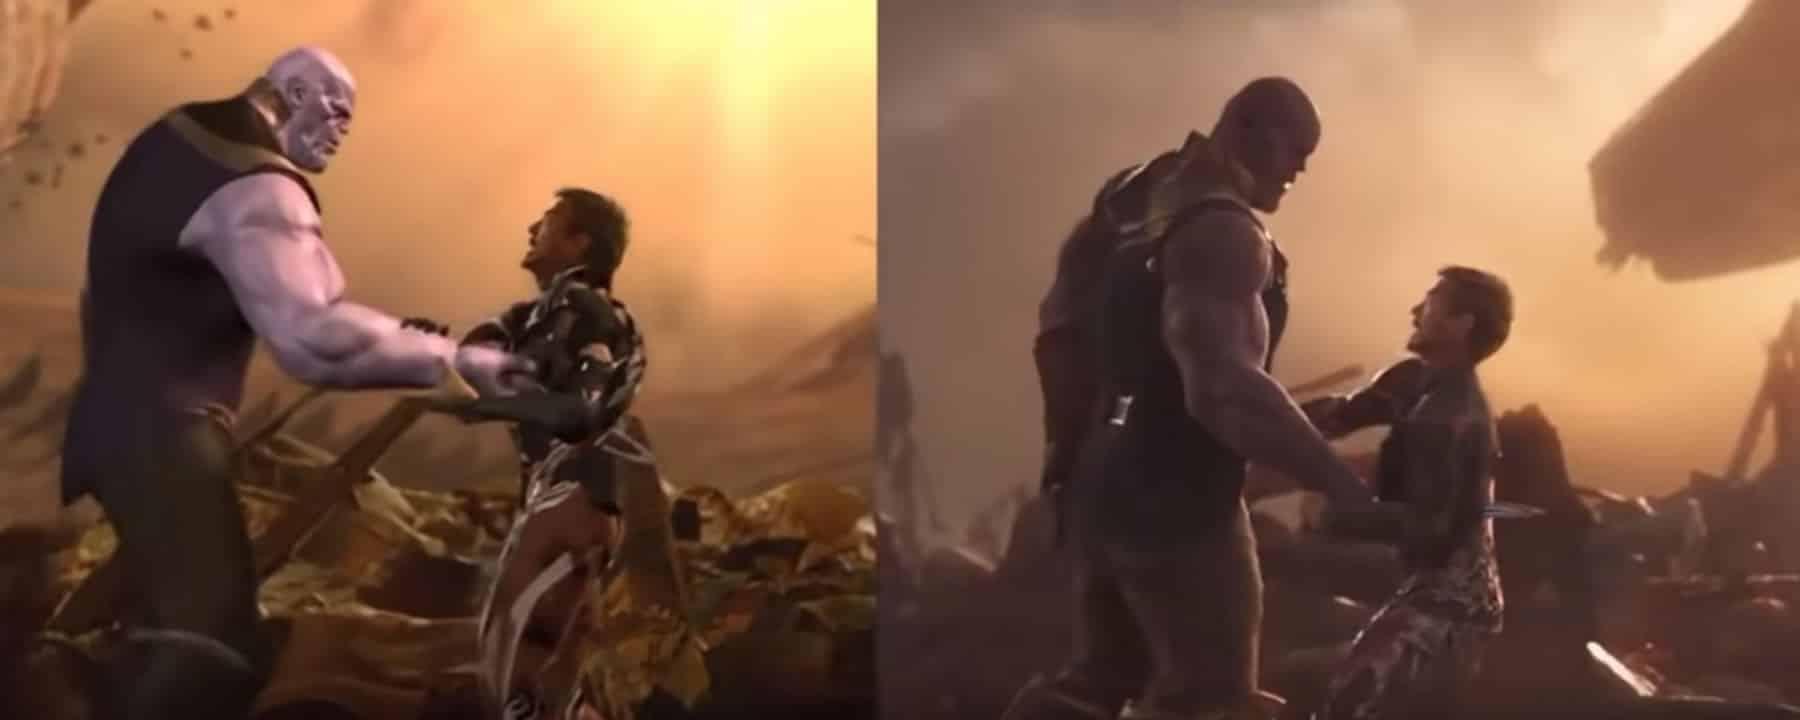 Video muestra el proceso de post-producción en la pelea contra Thanos